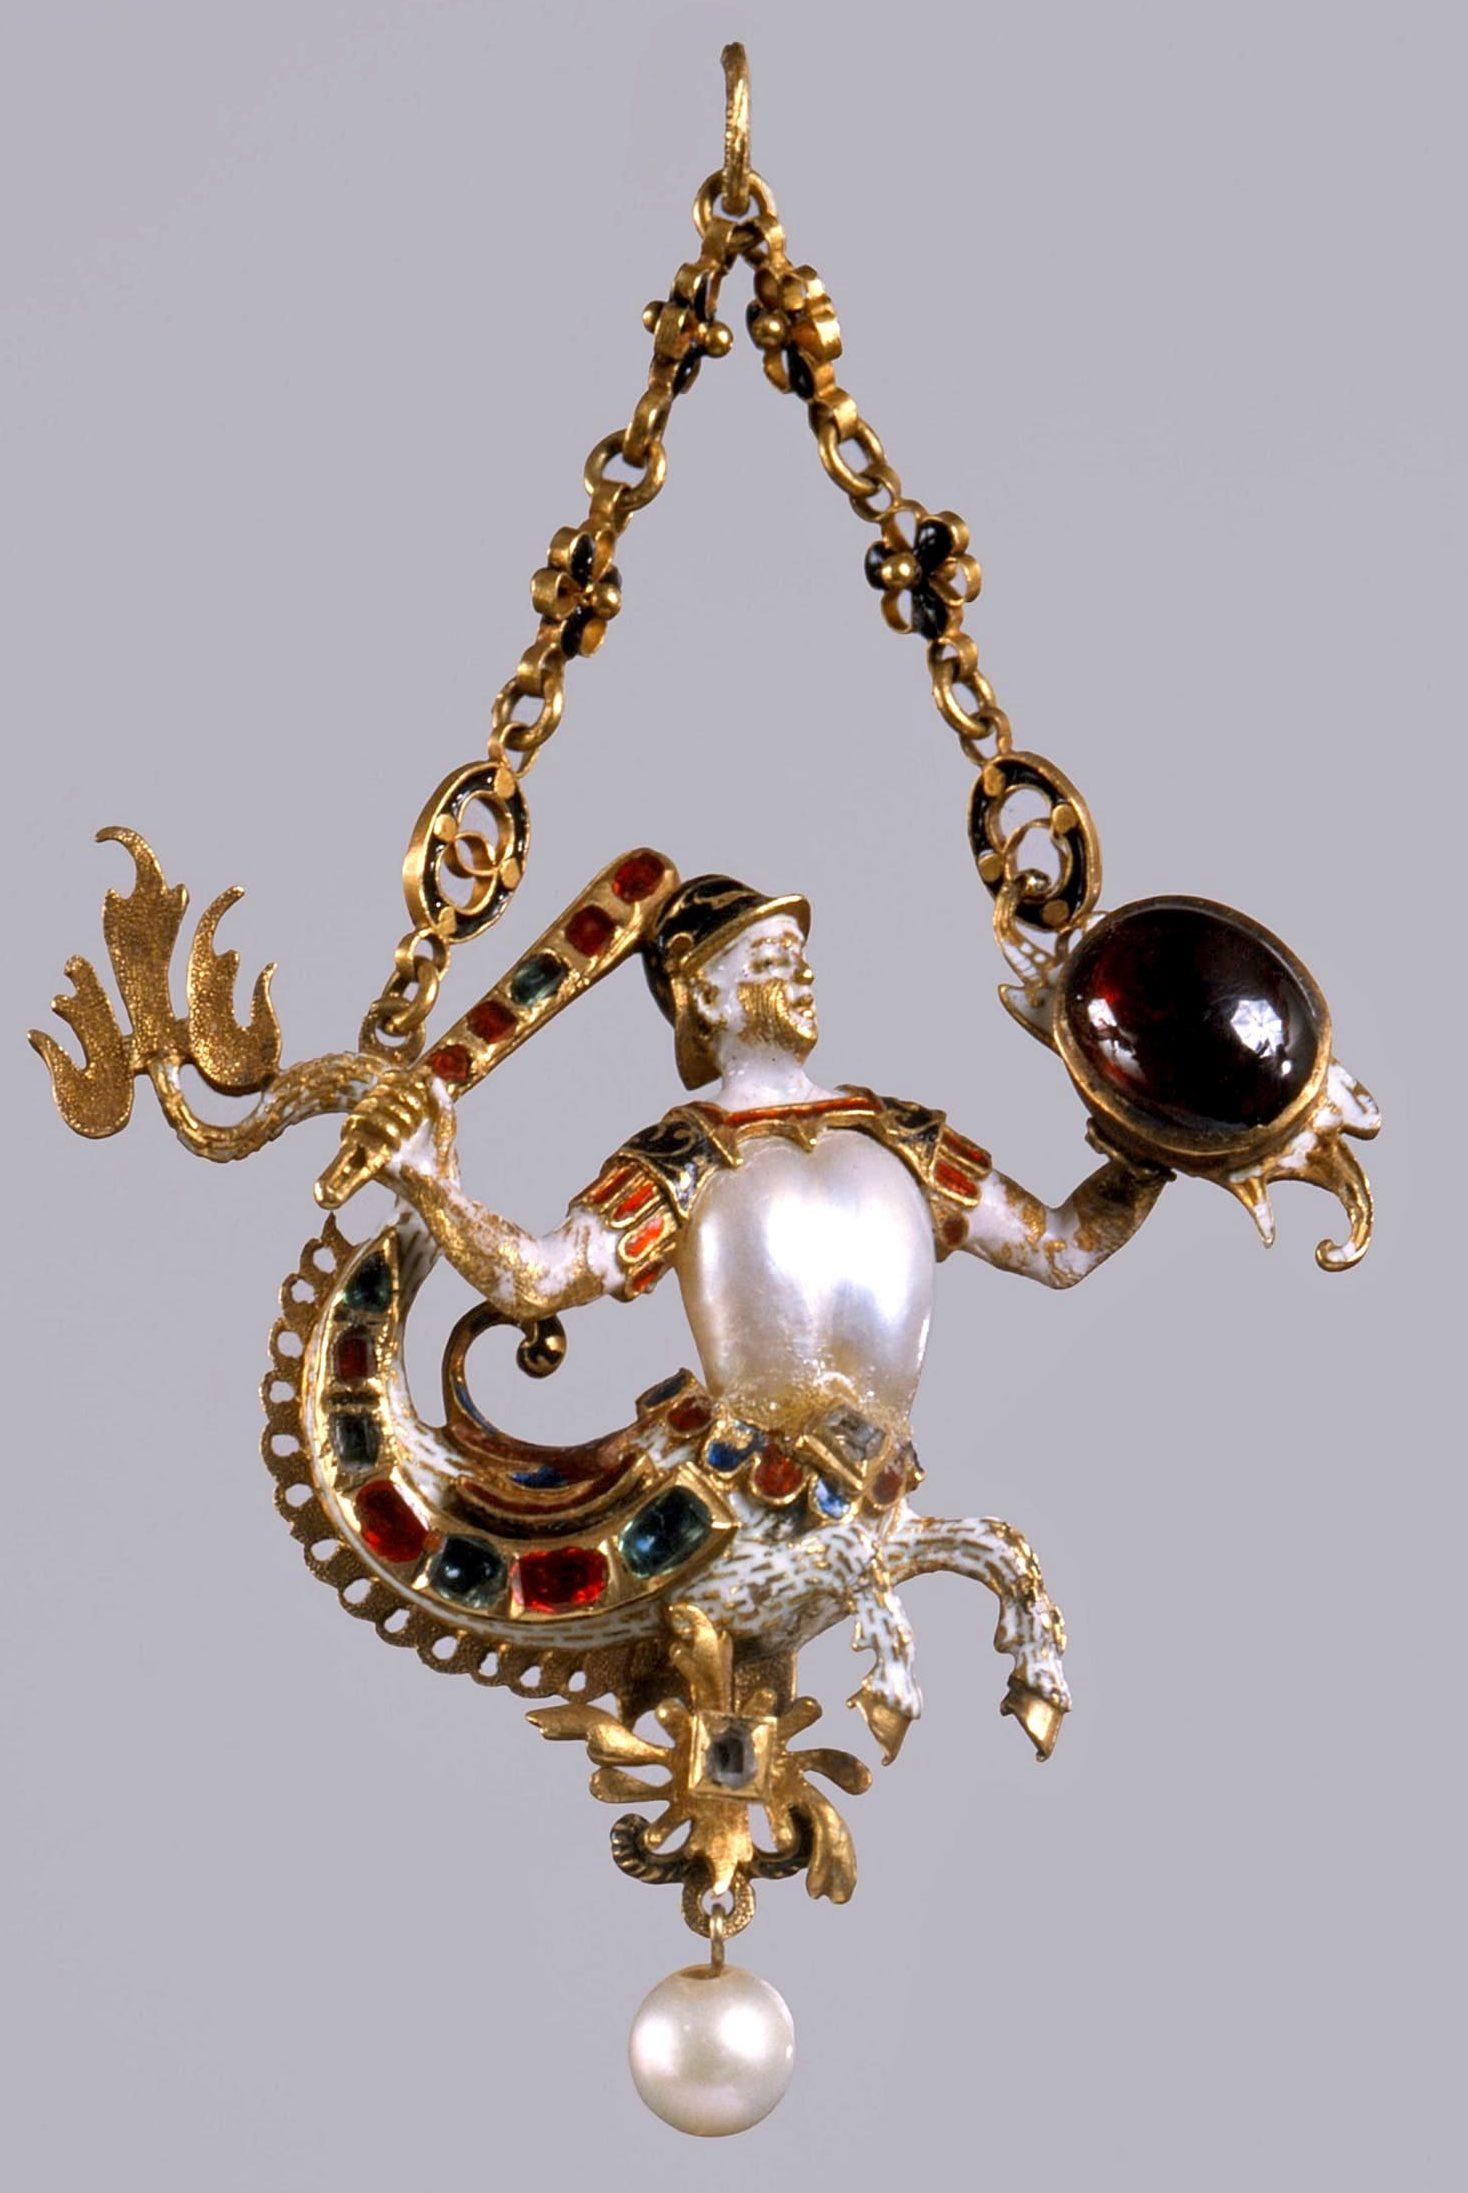 CorsiArte_pendente con tritone, 1580 – 1590_museo argenti_firenze